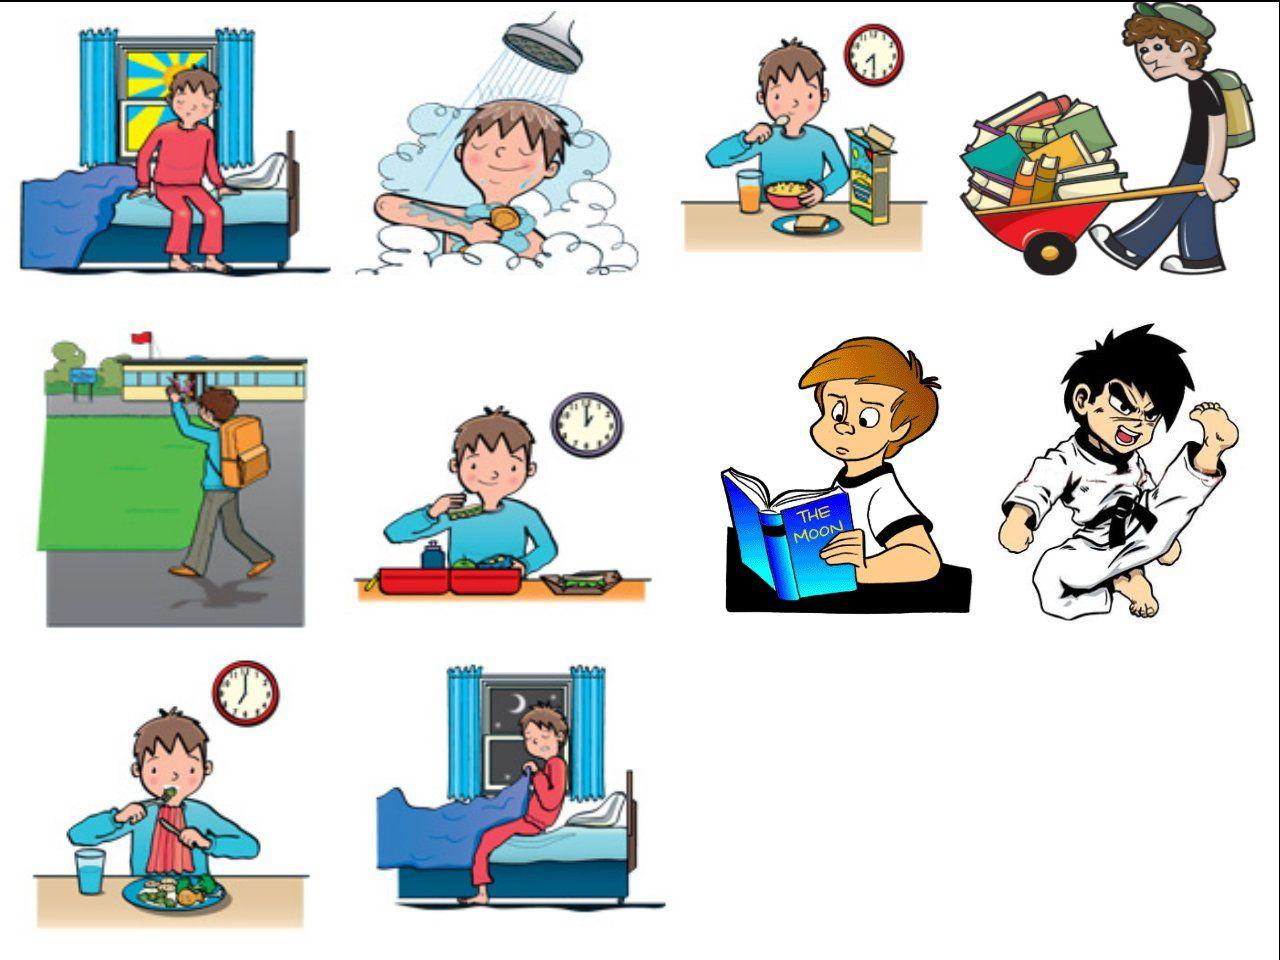 Children Rutine Exemple De Rutina Diaria Per A Nens